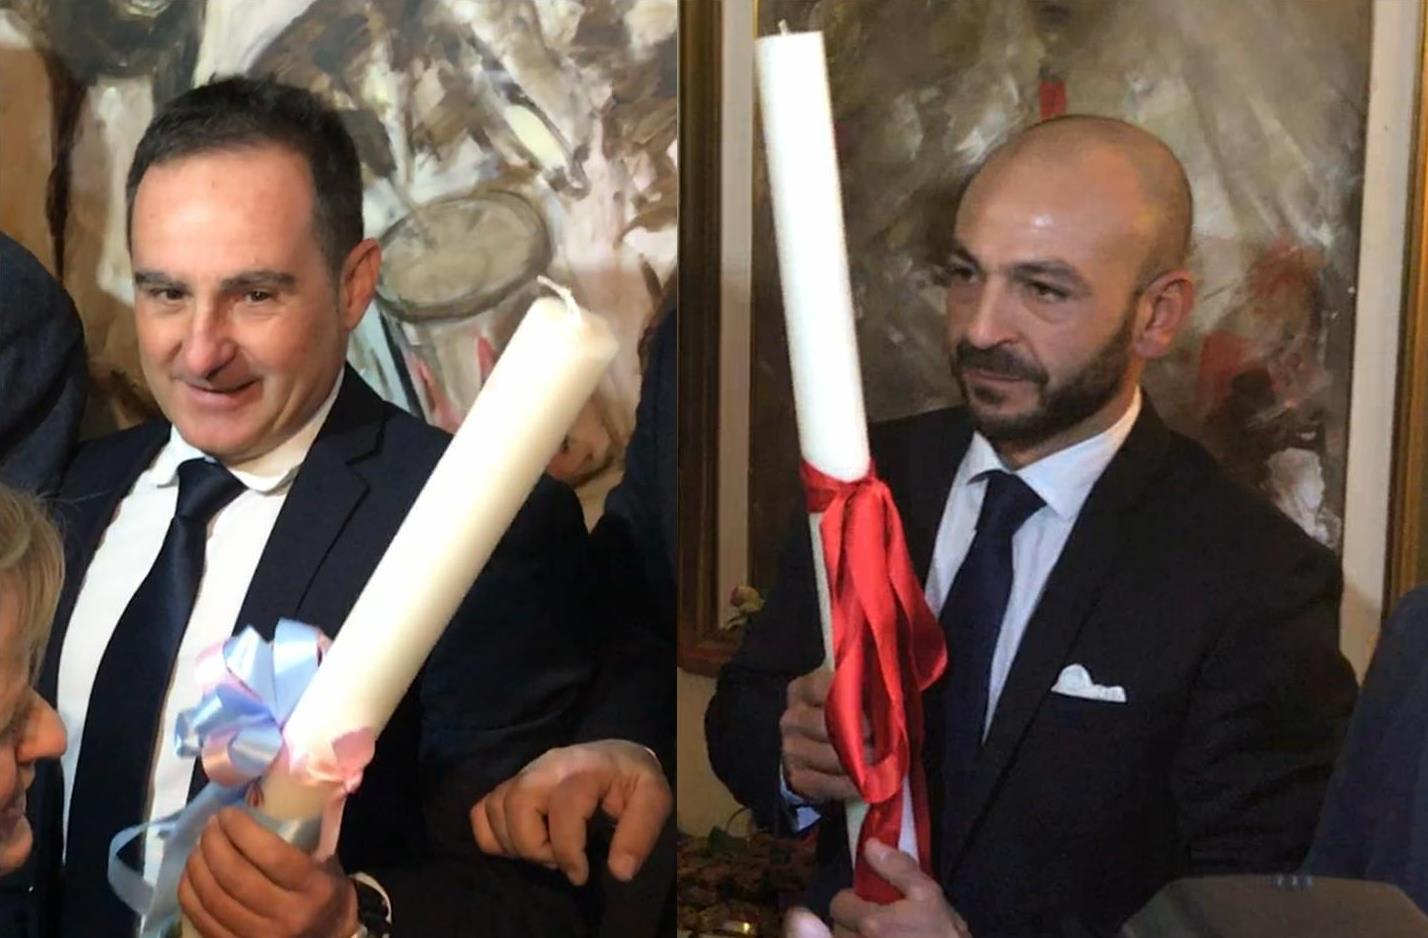 Giuseppe Sedda e Sergio Ledda con i ceri benedetti I componidoris della Sartiglia 2017 ( www.sartiglia.info )